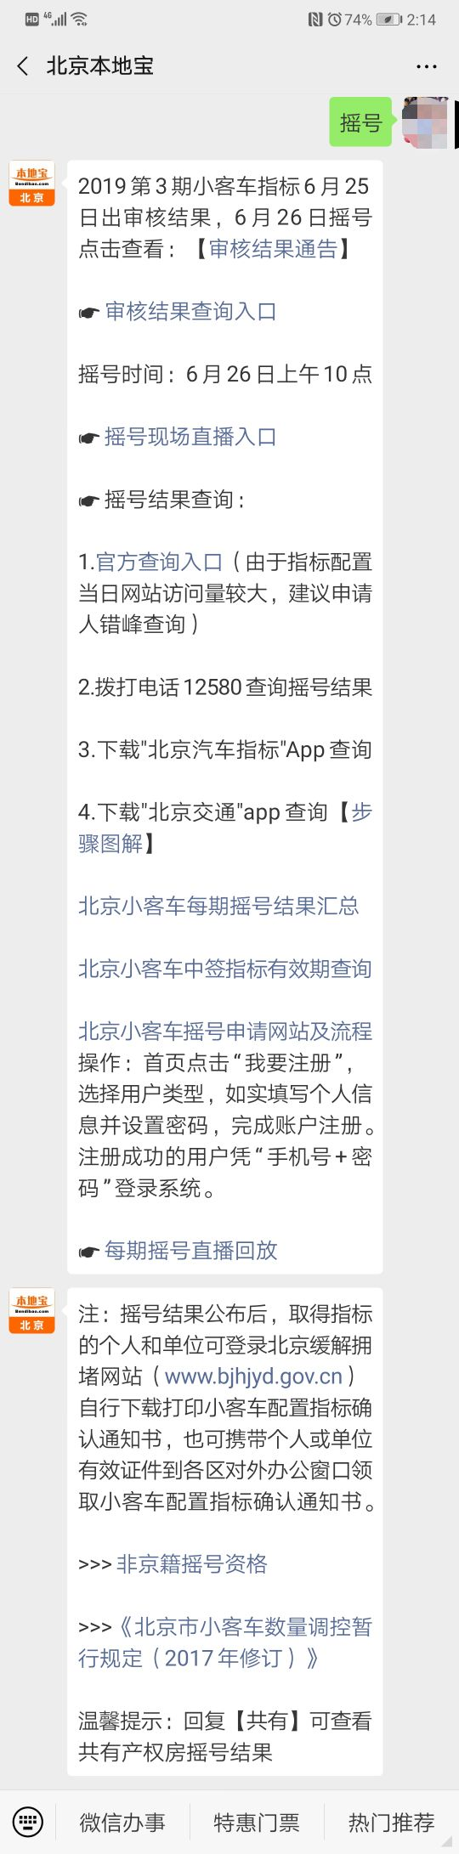 2019年第3期北京市小客车指标摇号直播入口